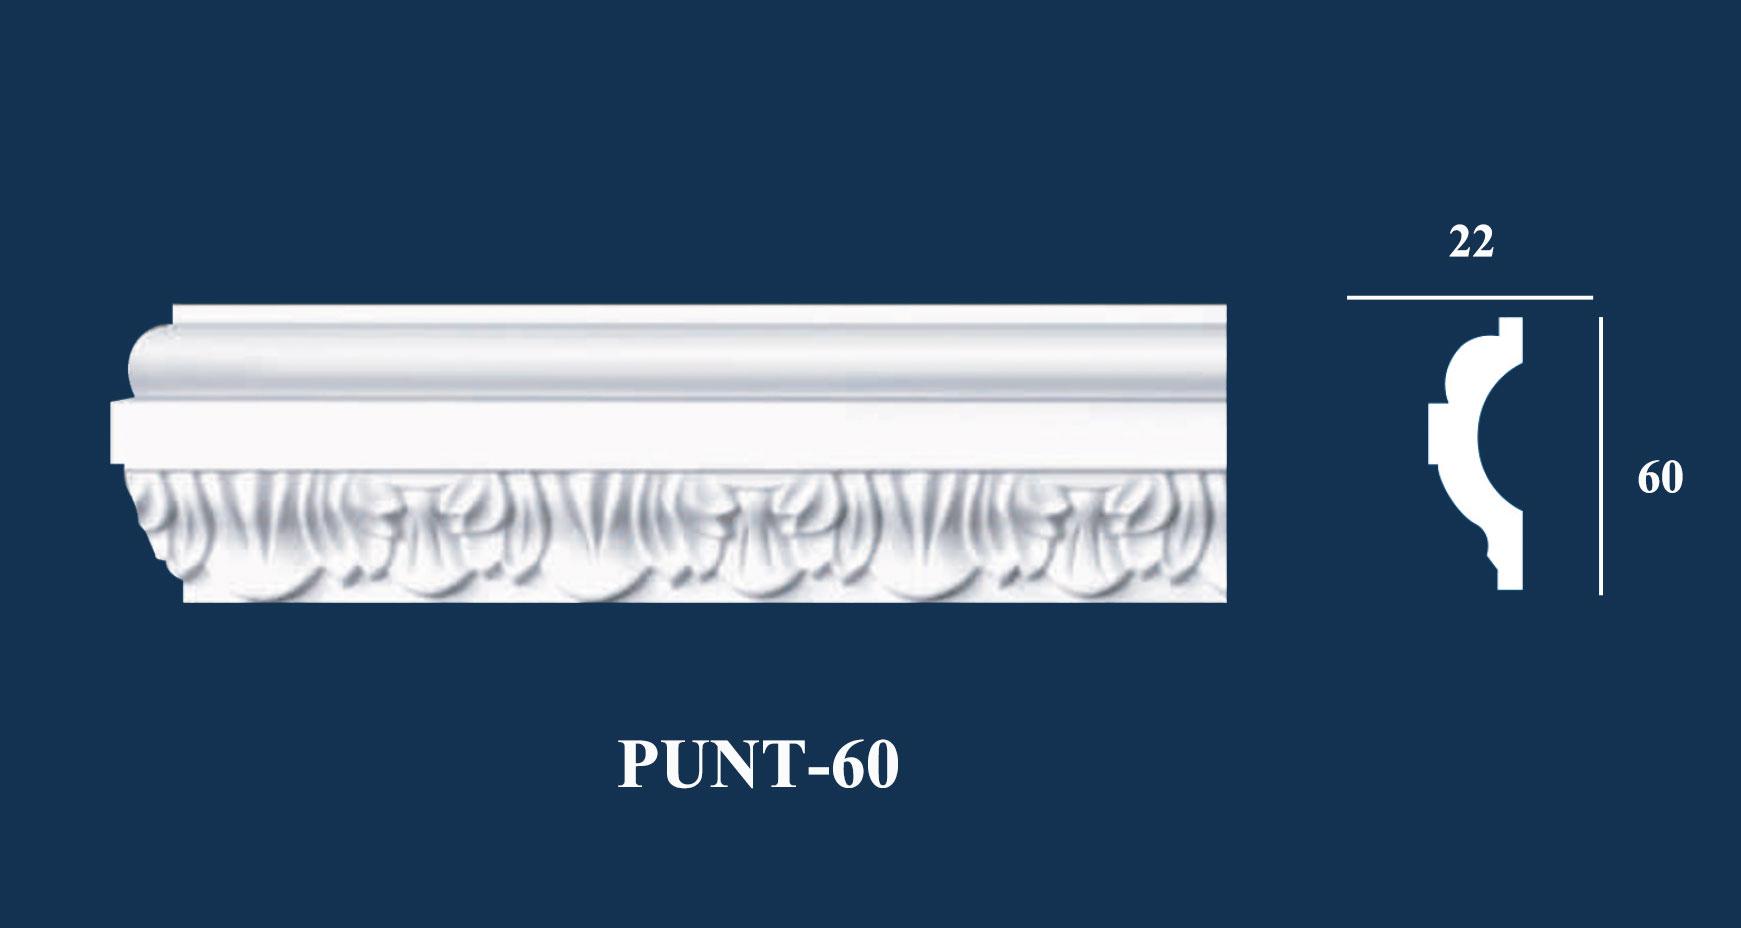 Chỉ Nẹp Hoa VănTrang Trí - PUNT-60